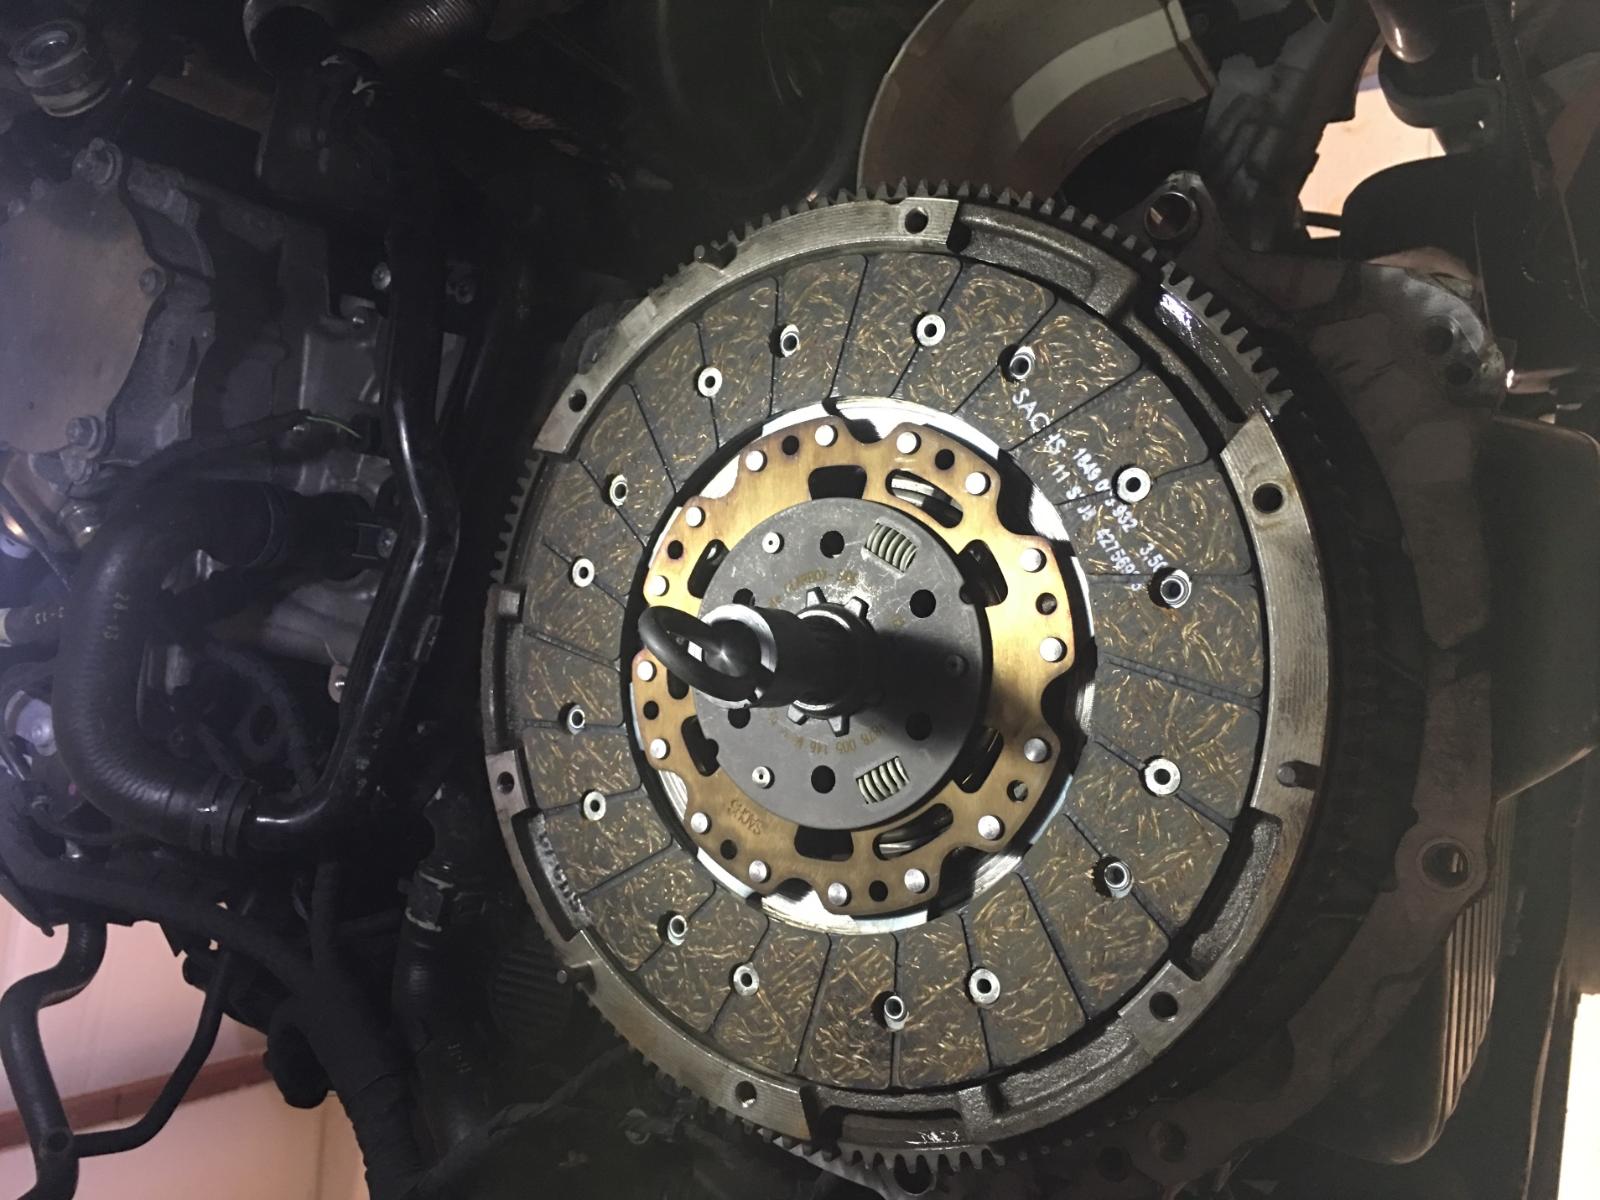 Audi TTRS Clutch Disc on MK7